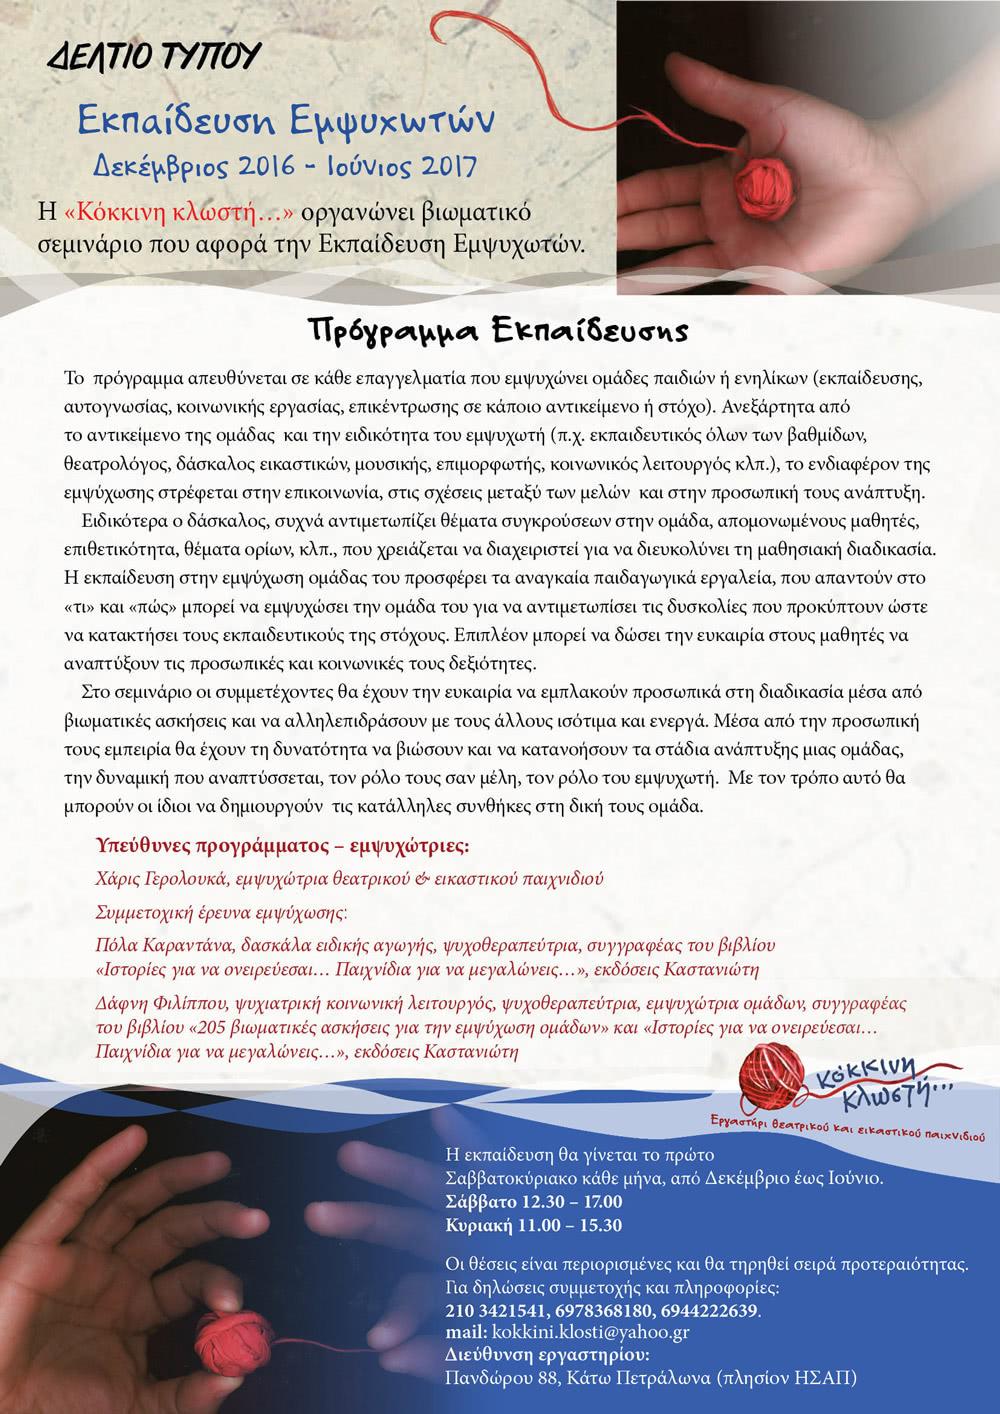 Seminario-Enilikon_Ekpaidesi-empsixoton